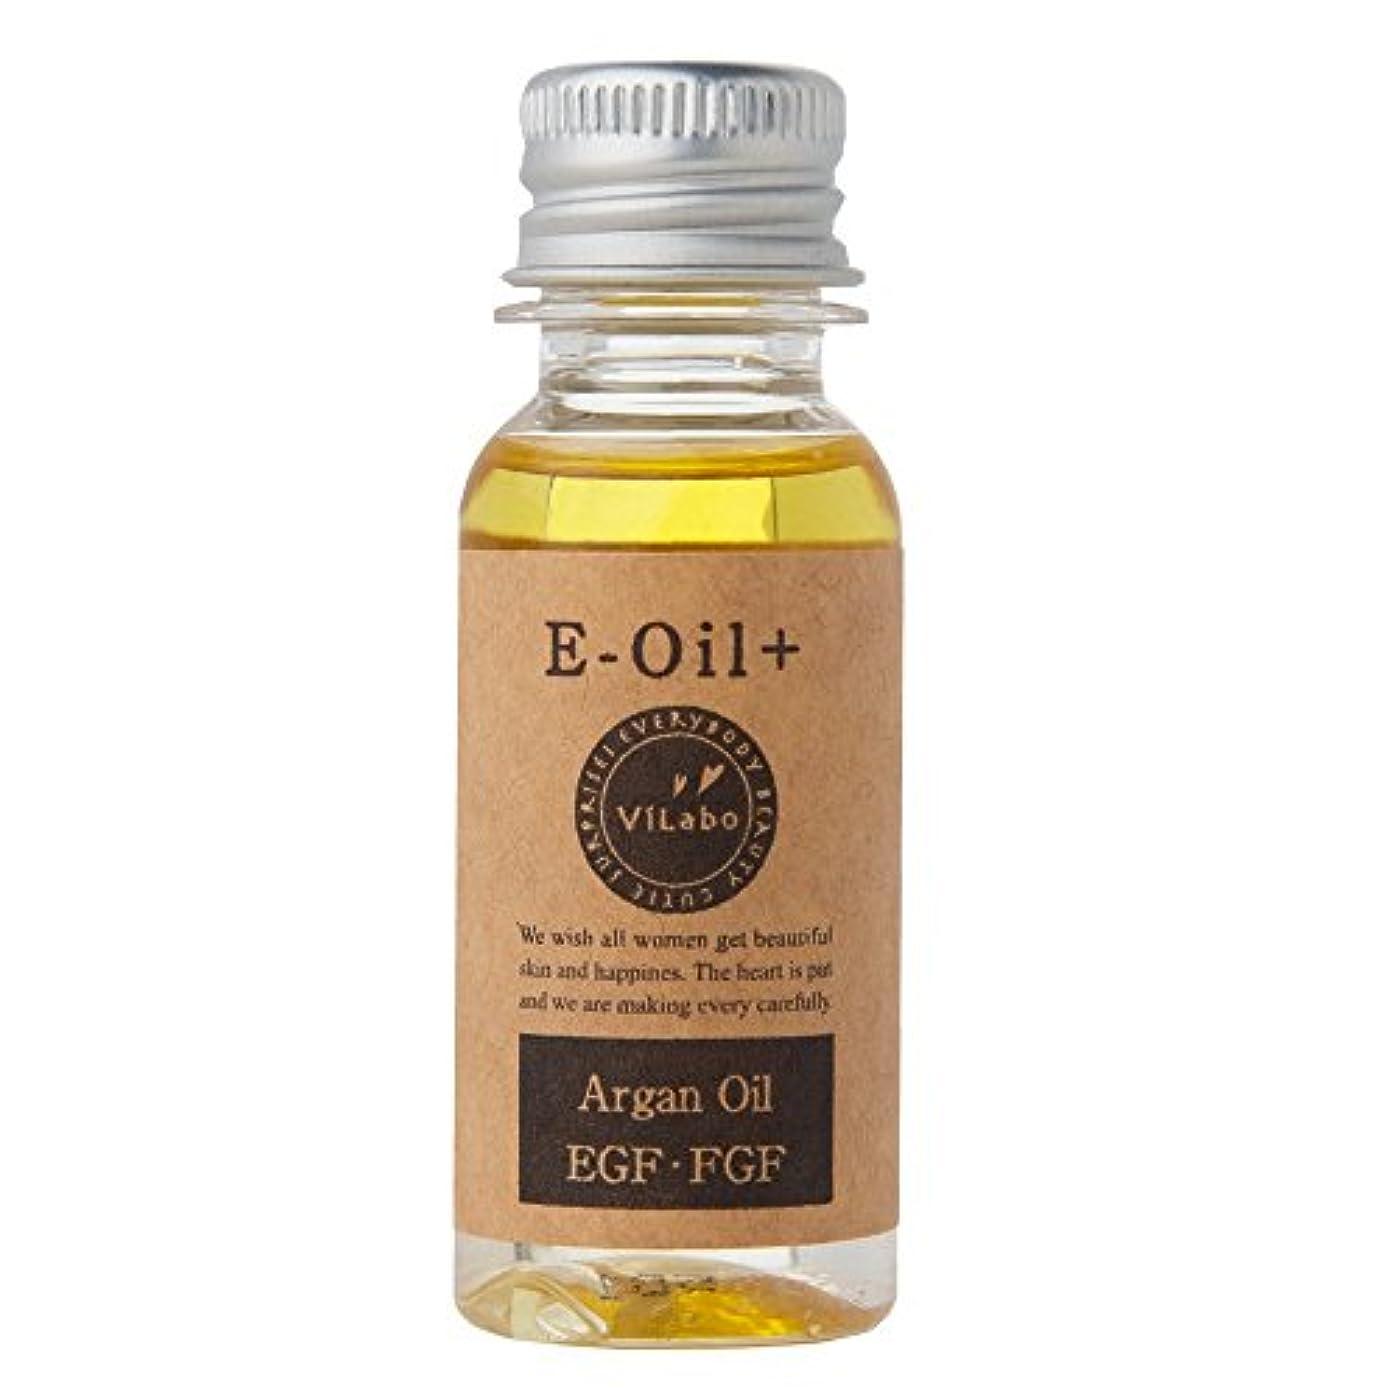 ポスト印象派あいまいオーガニックアルガン+EGF?FGF原液30ml/E-Oil+(イーオイルプラス)AR/ オーガニック アルガンオイル 100%